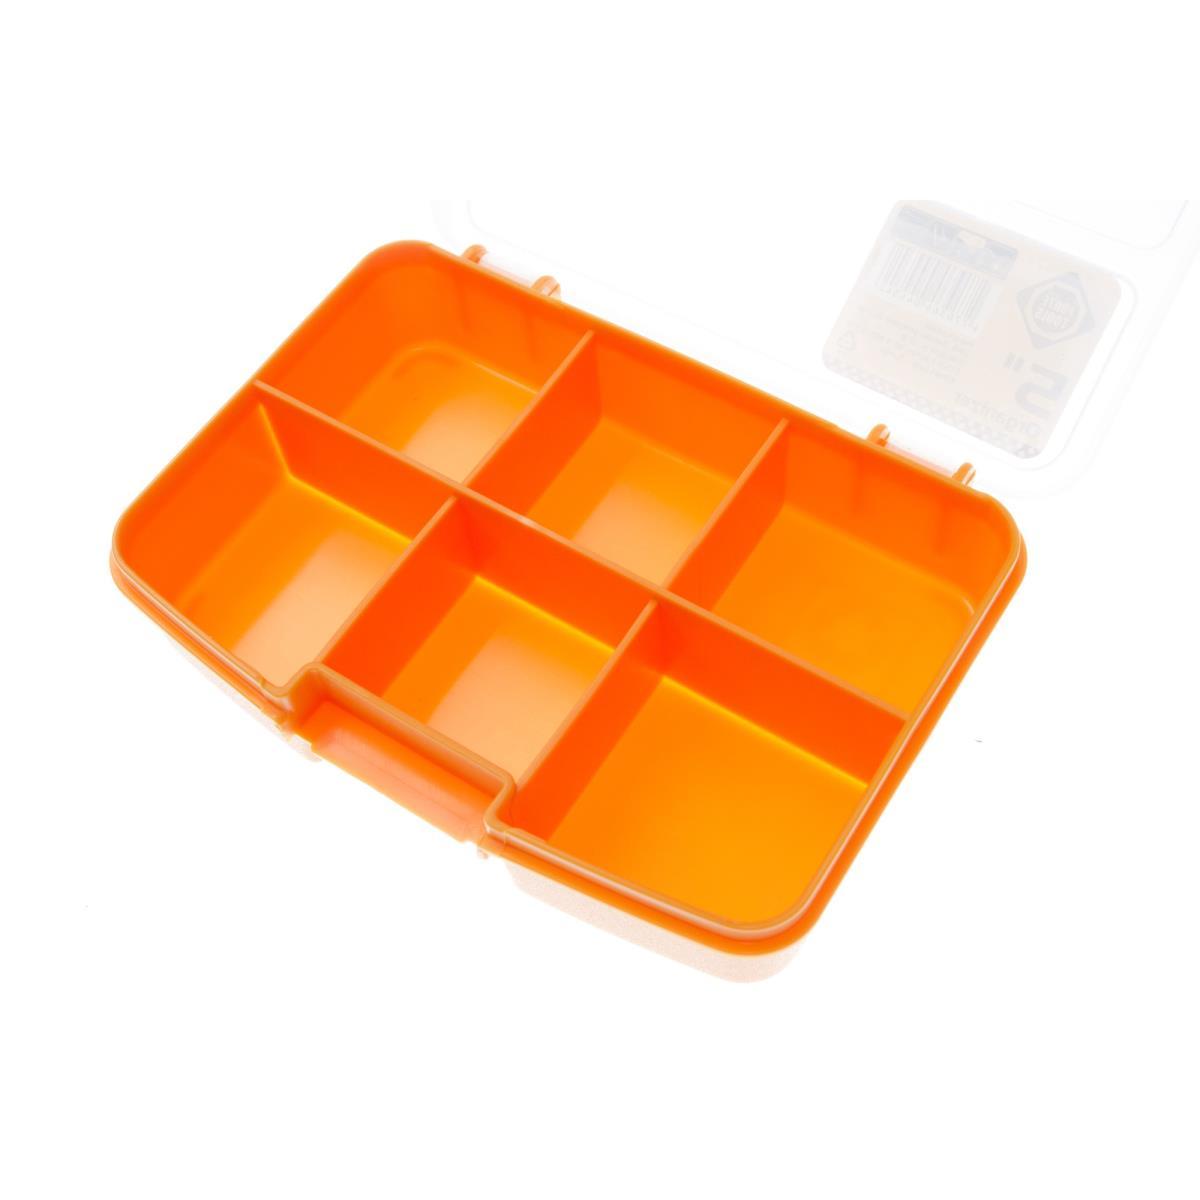 Sortimentskasten Sortimentsbox Sortierkasten Schraubenbox Box 6 Fächer,Forte,000051144688, 4770364044342